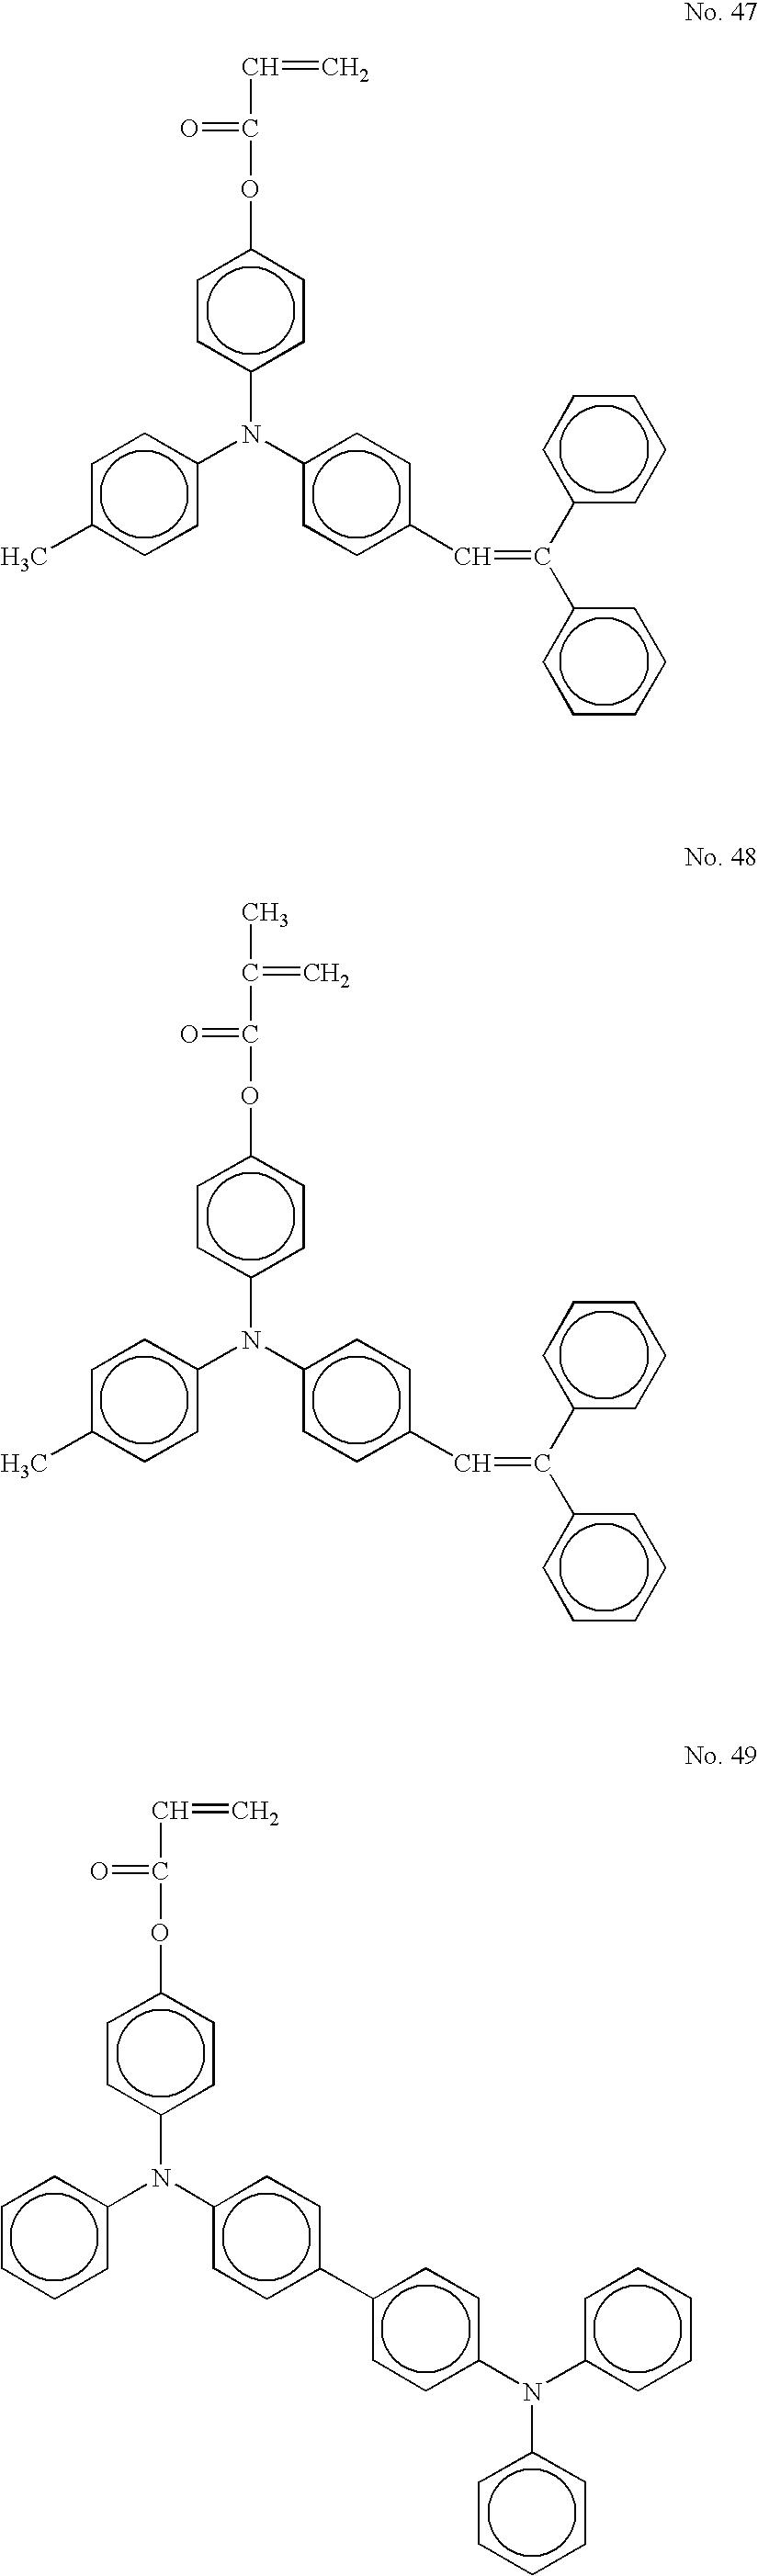 Figure US20060177749A1-20060810-C00032